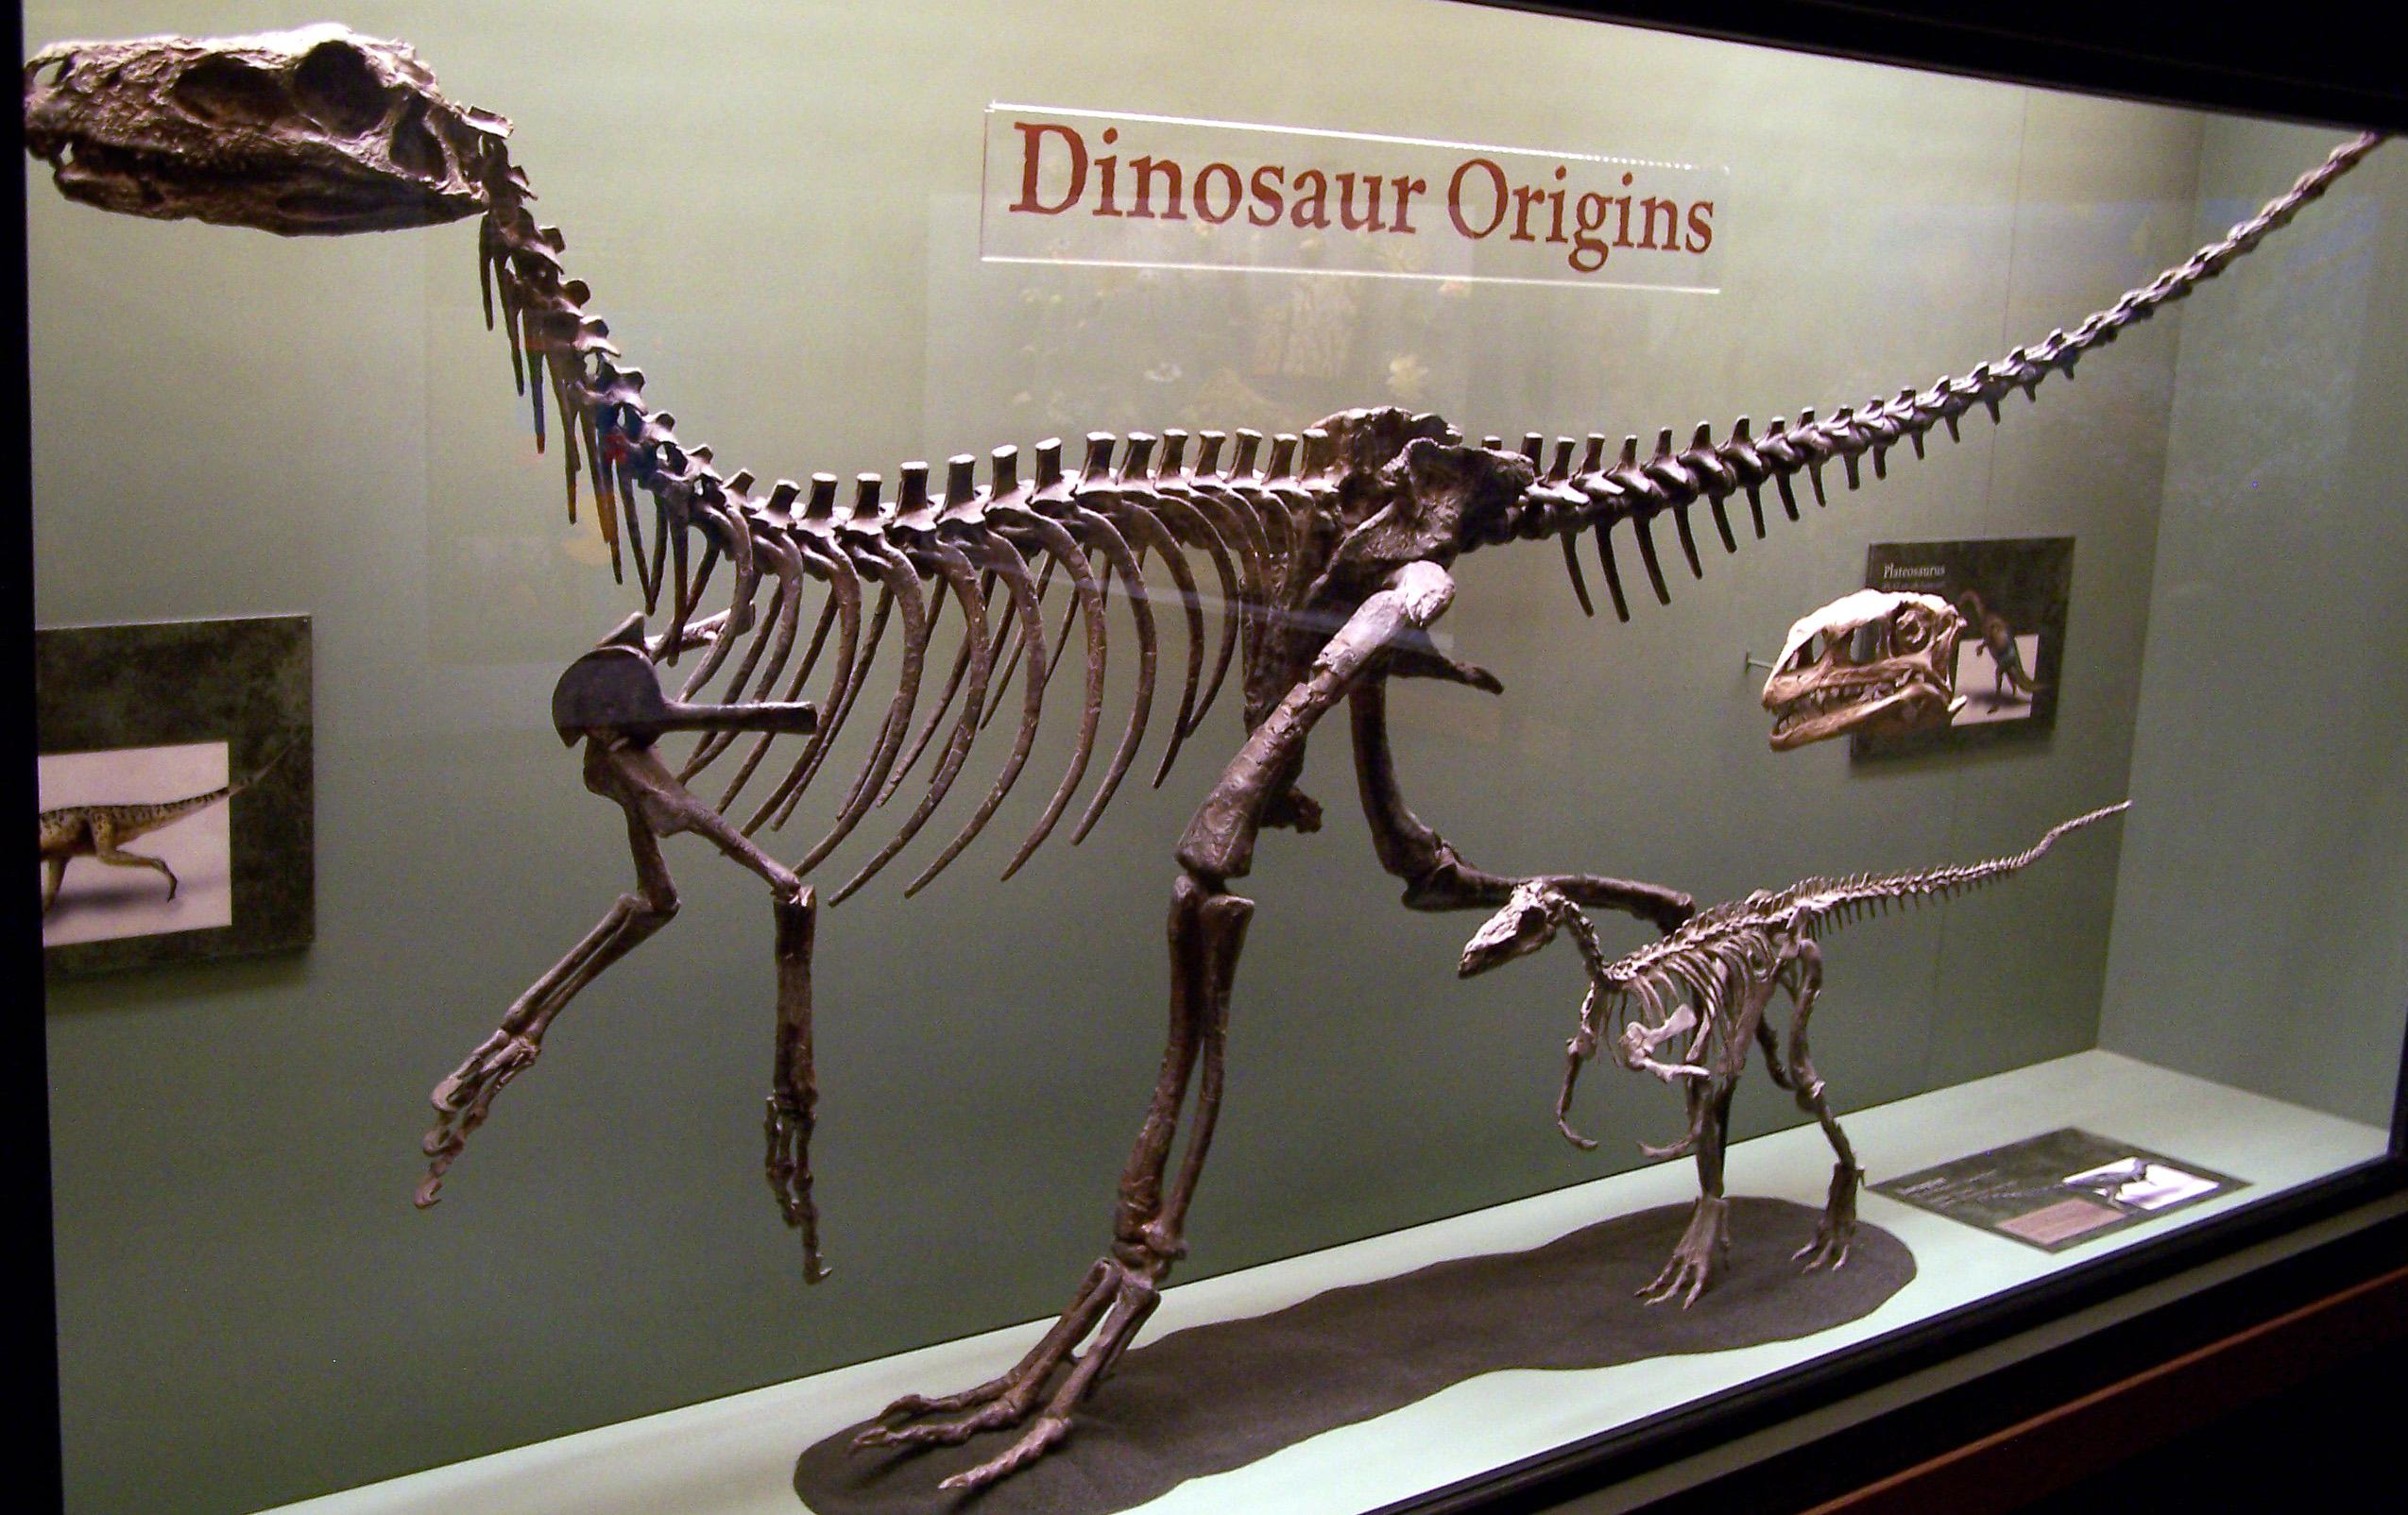 Die frühen Dinosaurier Herrerasaurus (groß), Eoraptor (klein) und ein Plateosaurus-Schädel